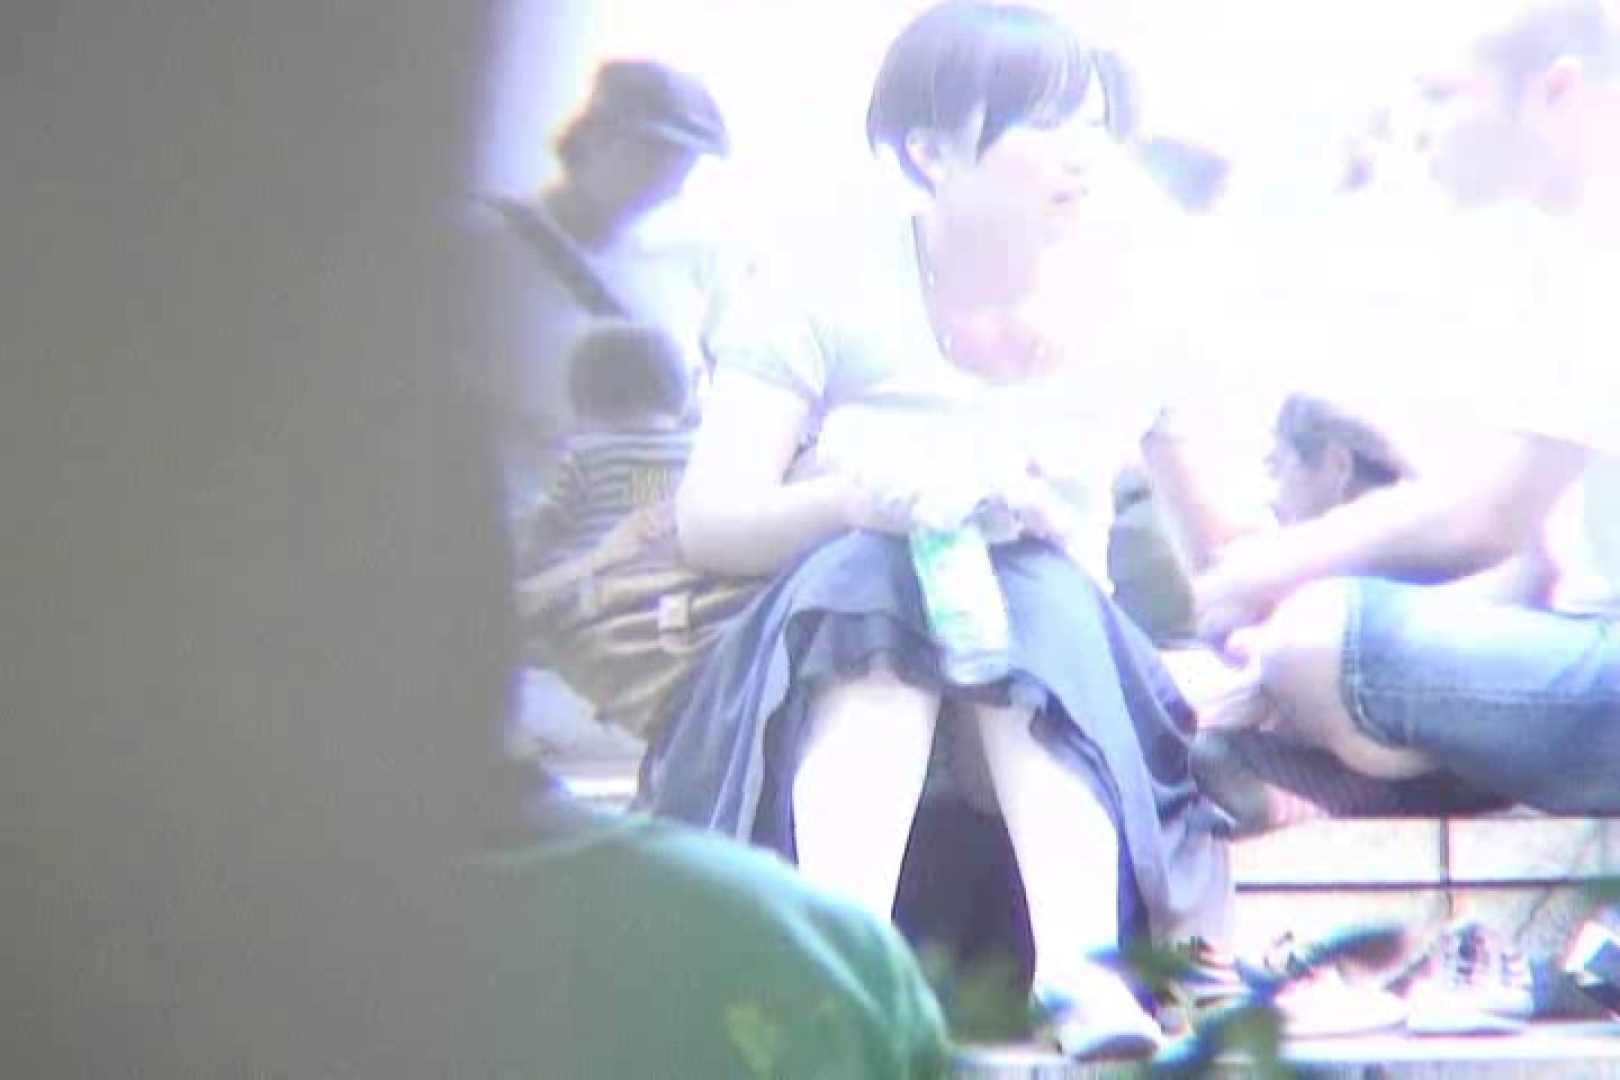 超最新版!春夏秋冬 vol.04 パンチラ セックス無修正動画無料 87連発 50